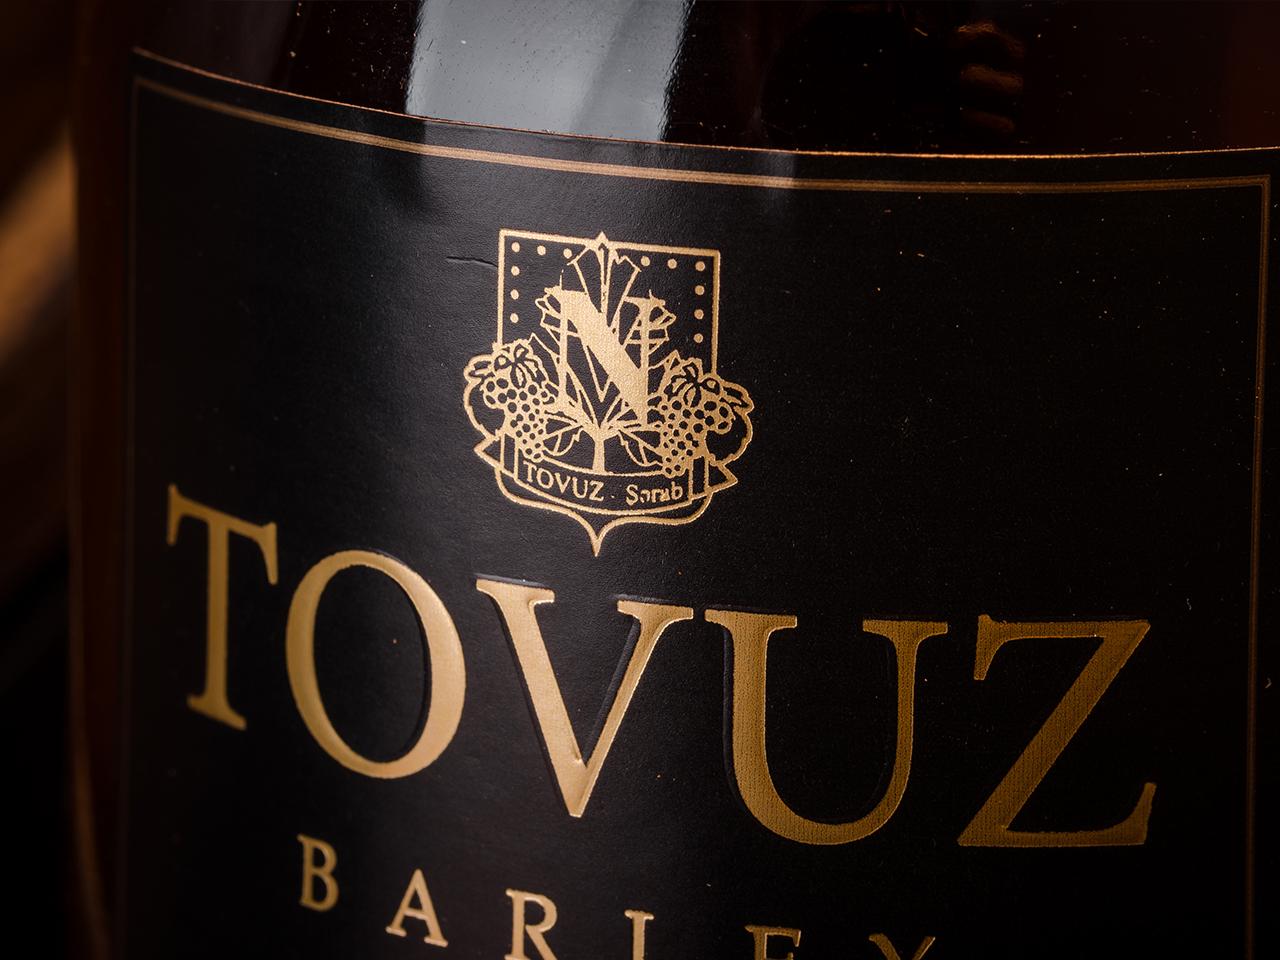 Конгрев и горячее тиснение этикетка для вина